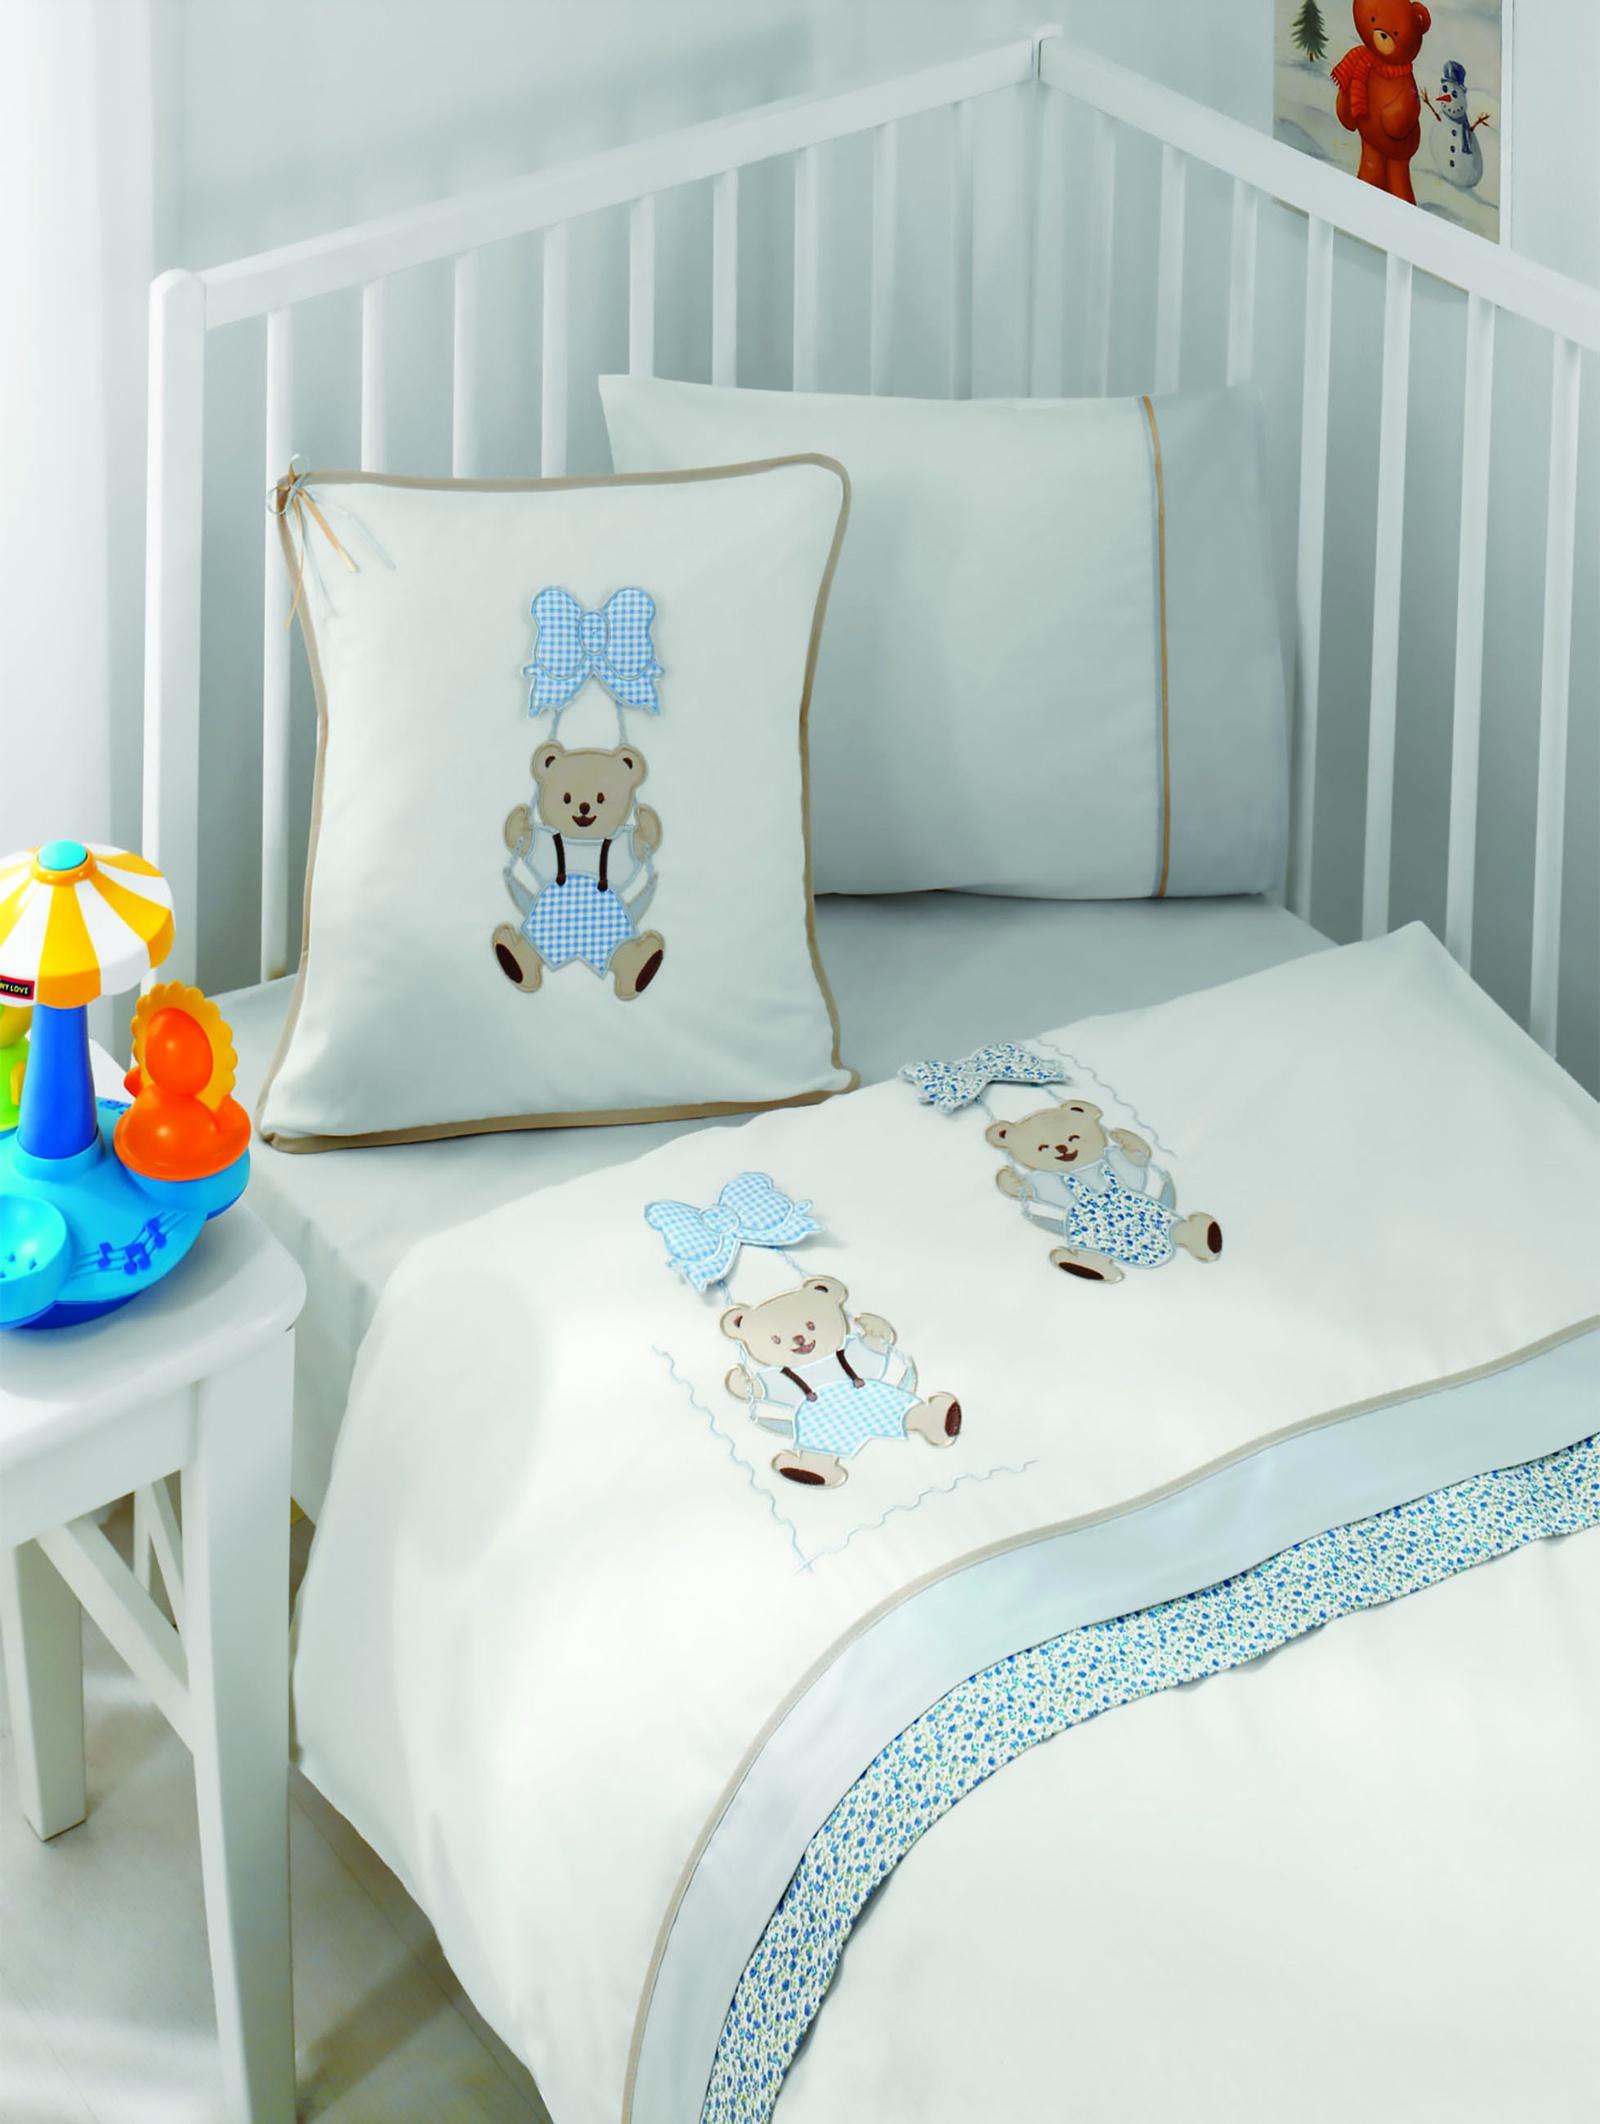 Комплект белья для новорожденных Gelin home BEBE, голубой, голубой, белый